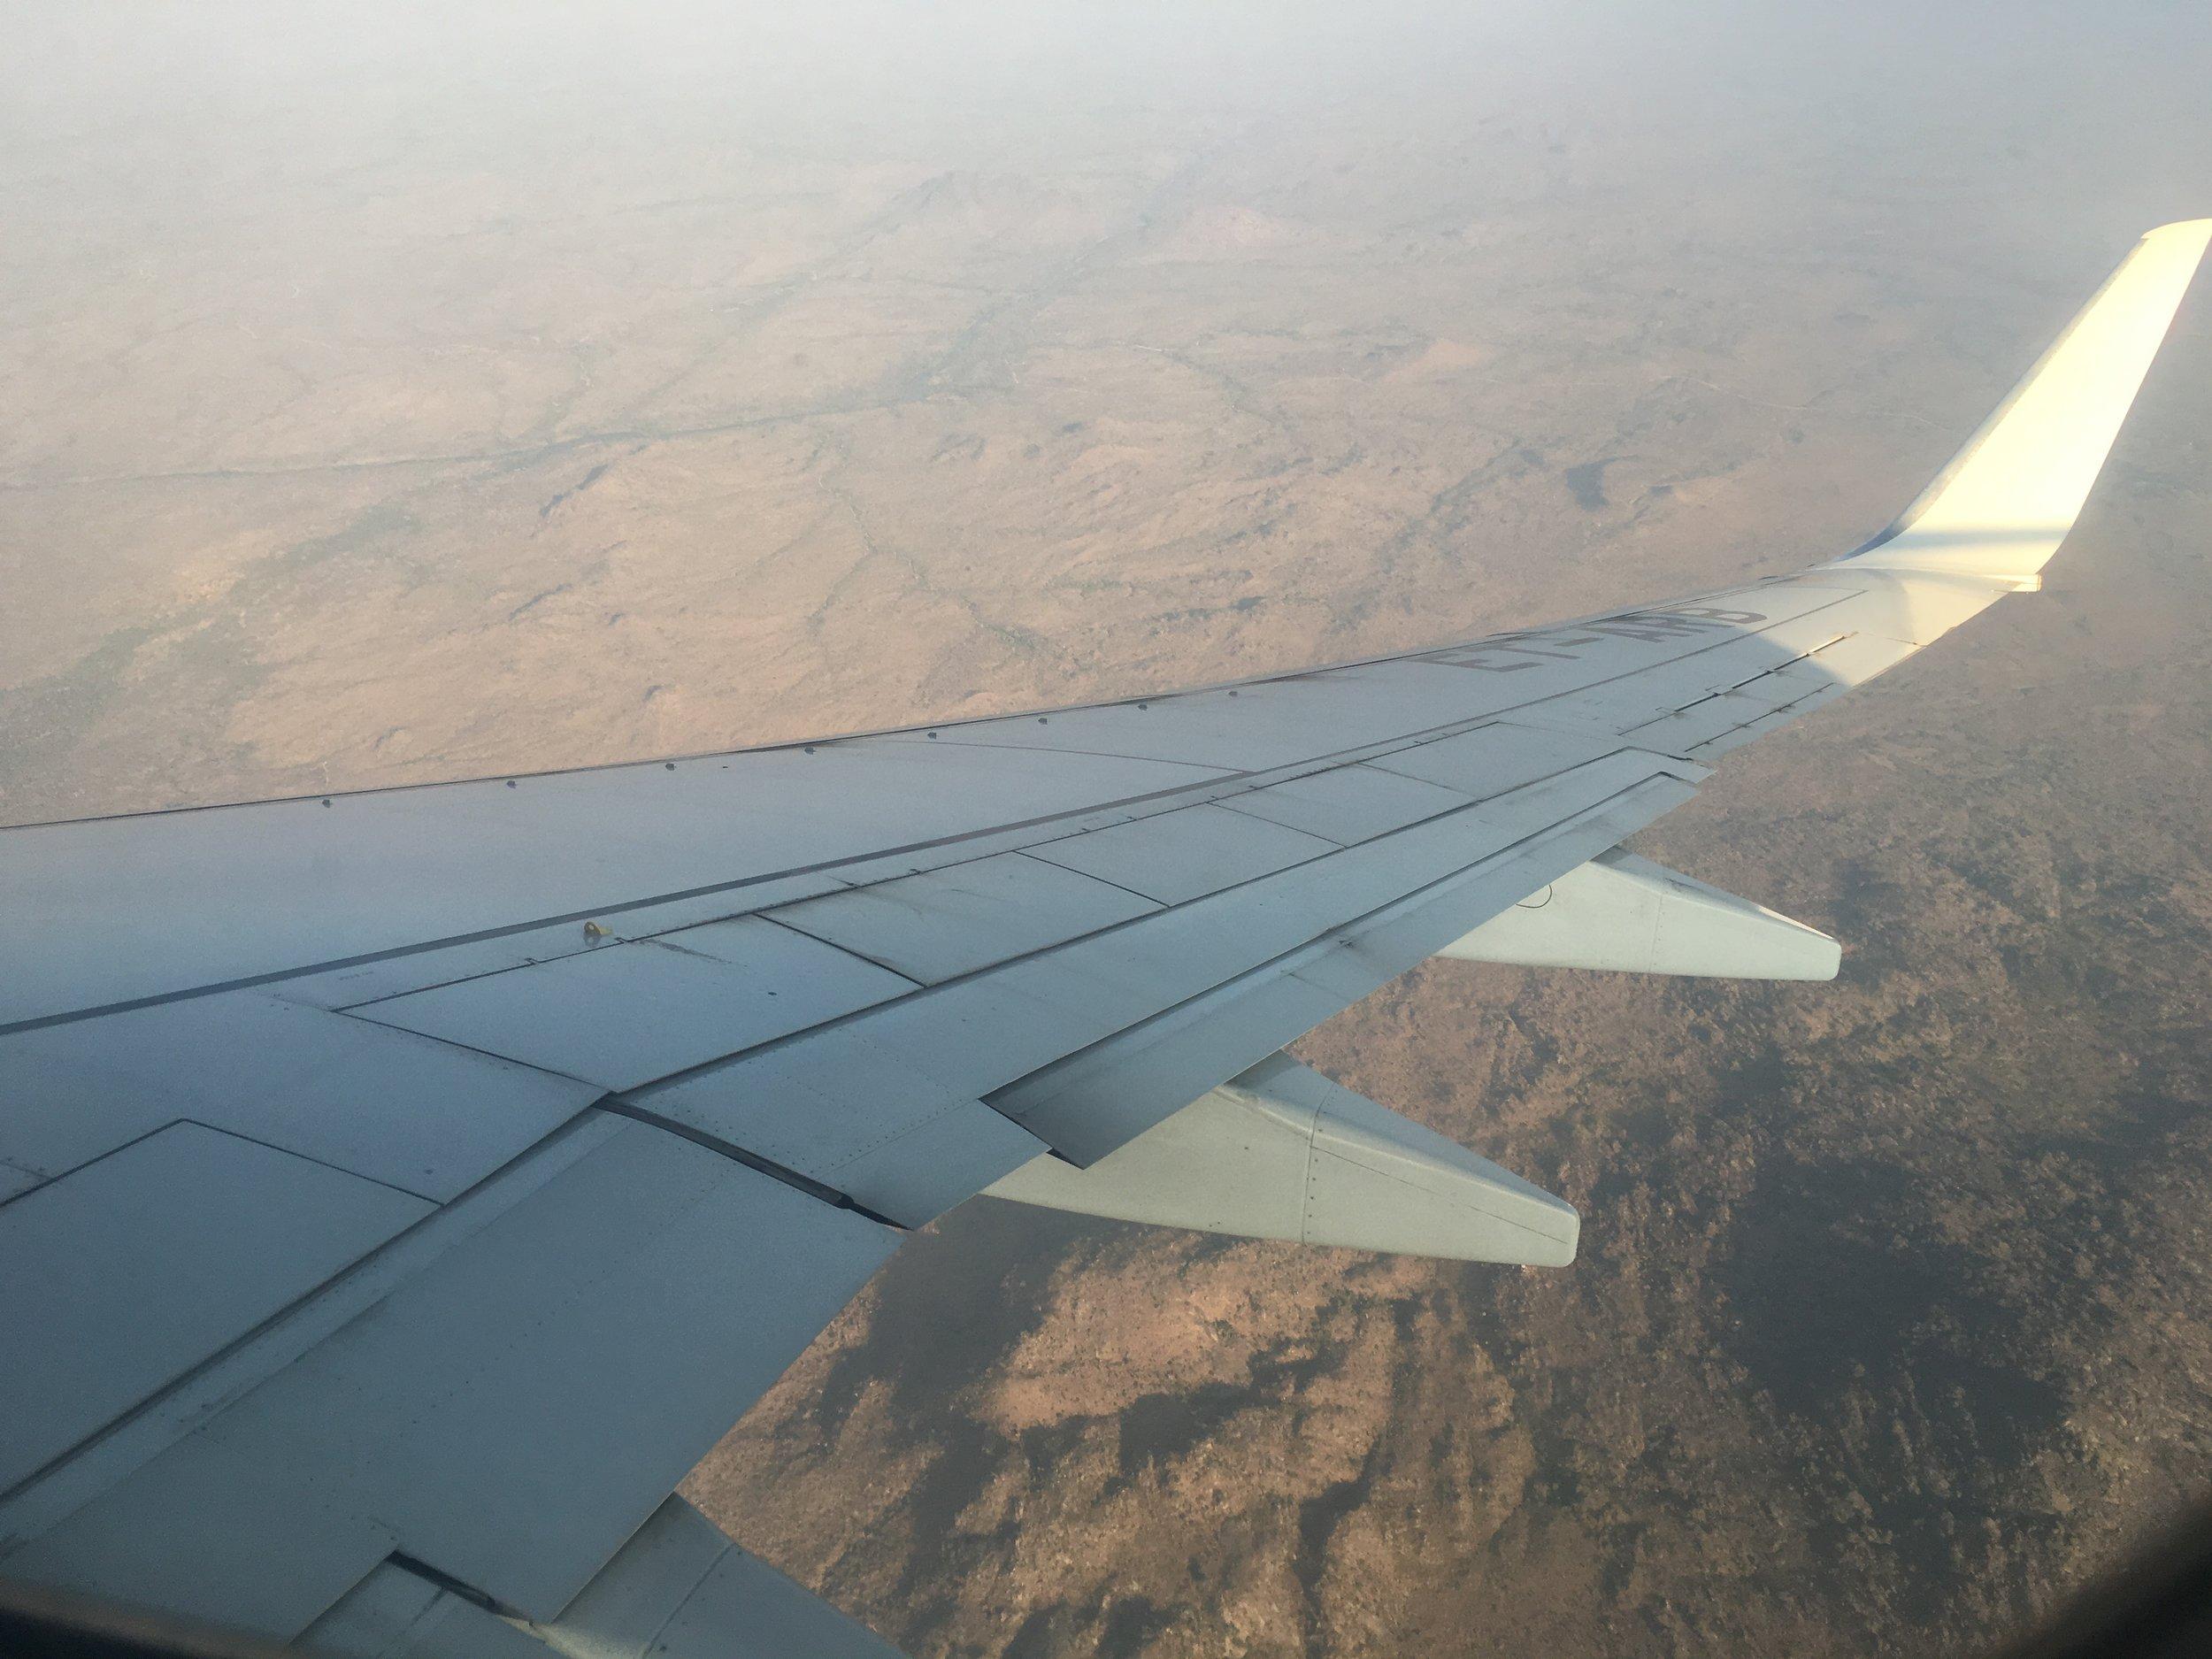 全世界最貧窮的國家 - Malawi 。飛機下降時所見的景色